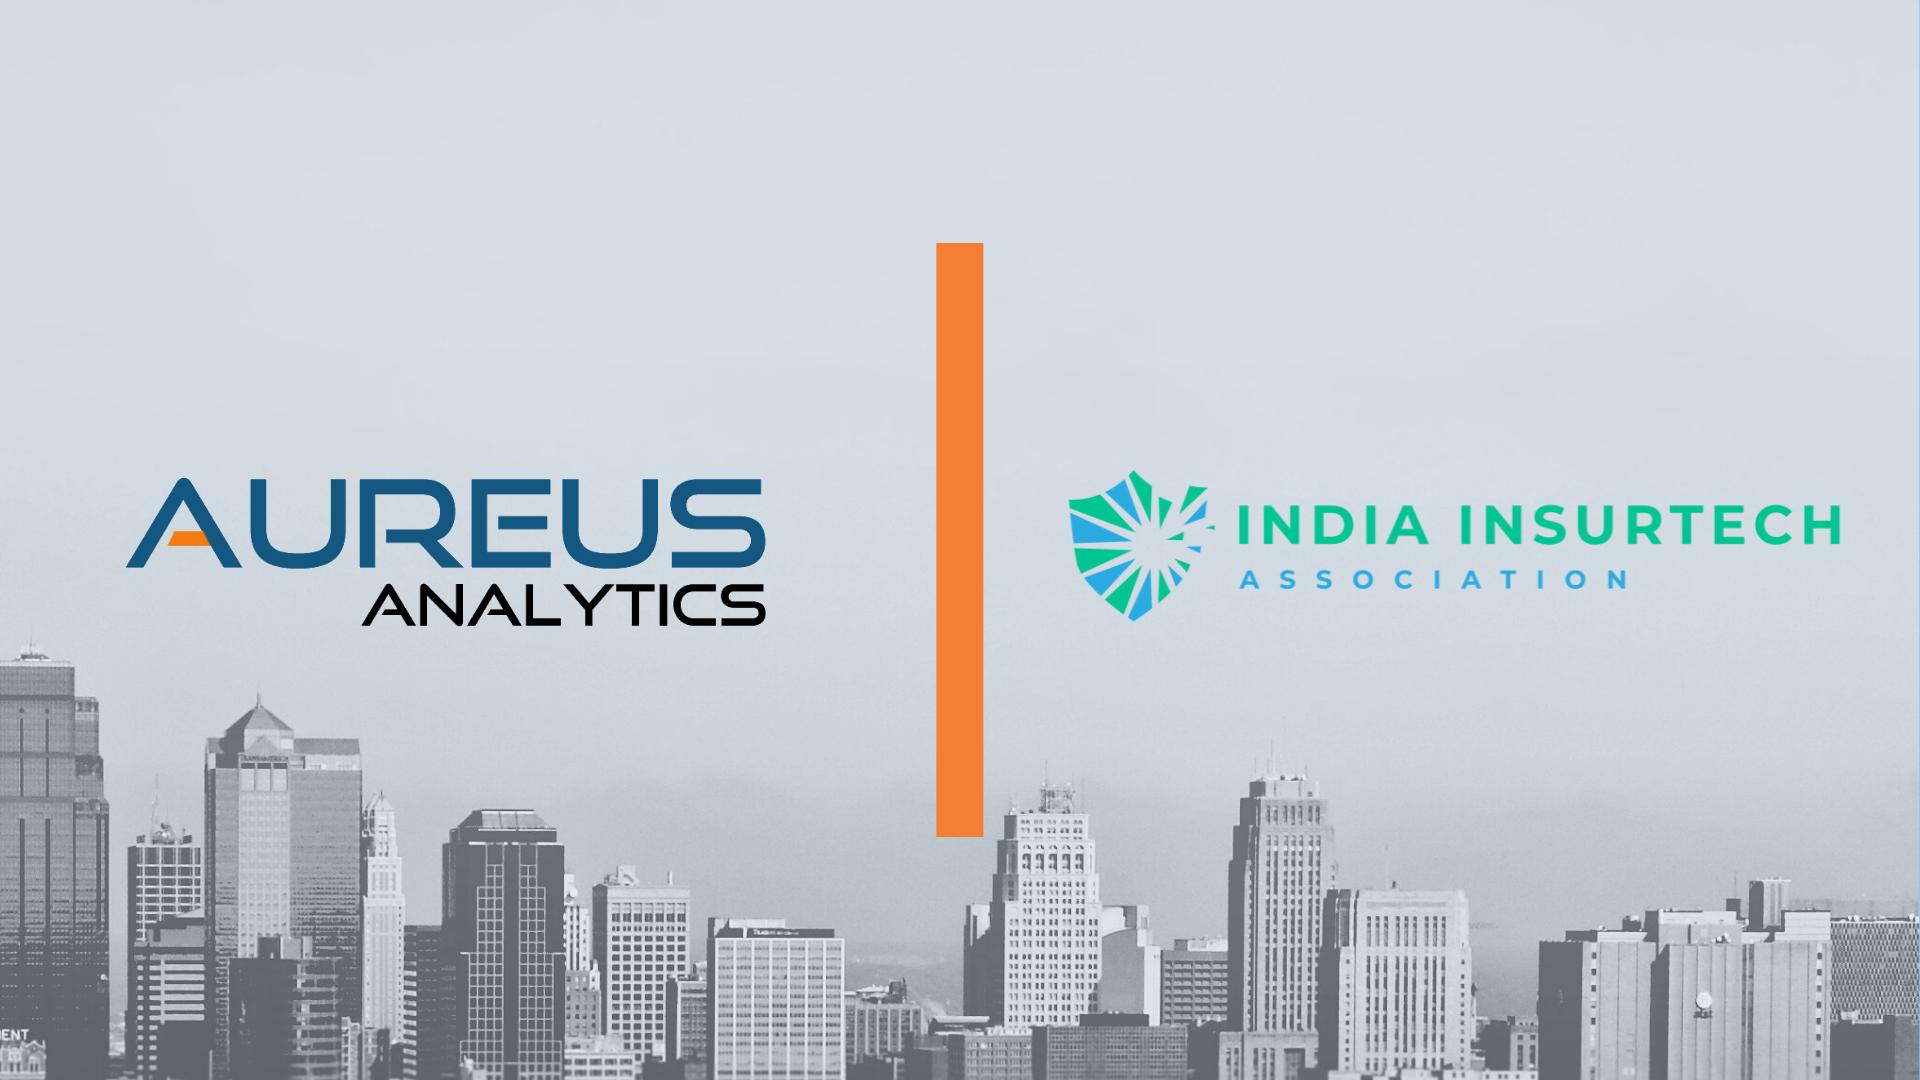 Aureus and India Insurtech Video